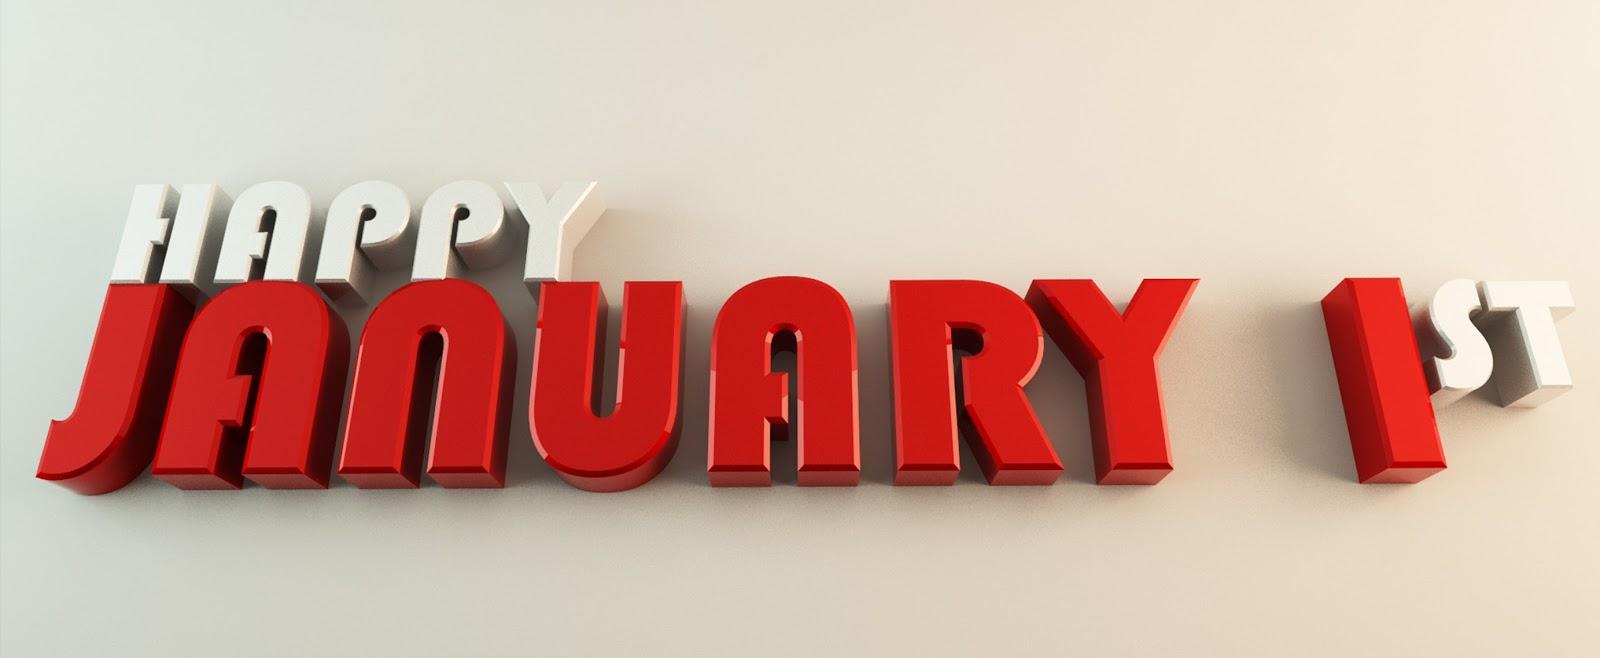 january 2017, first january, first day, hari pertama 2017, 2017, happy new year, selamat tahun baru